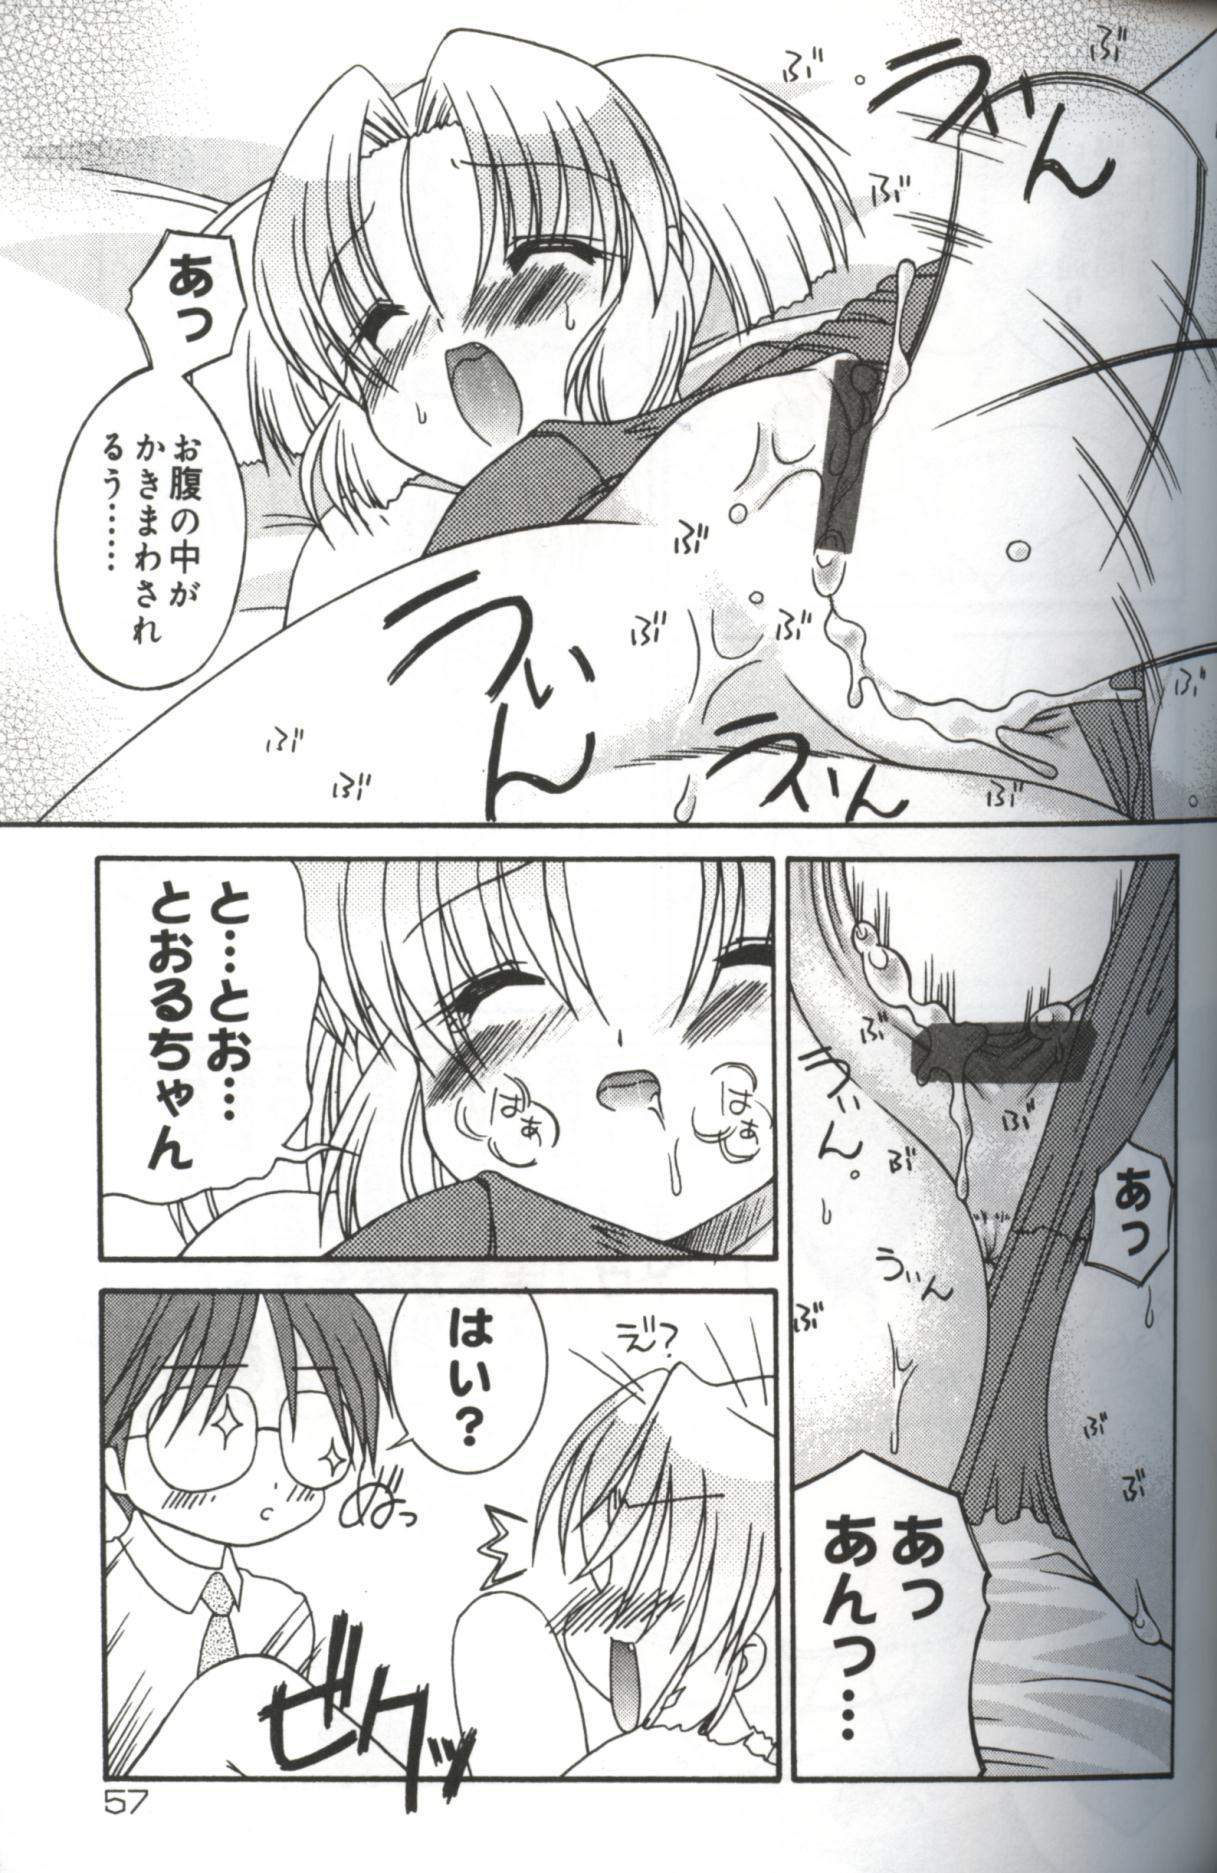 Hatsujou ♡ Oneesama 58